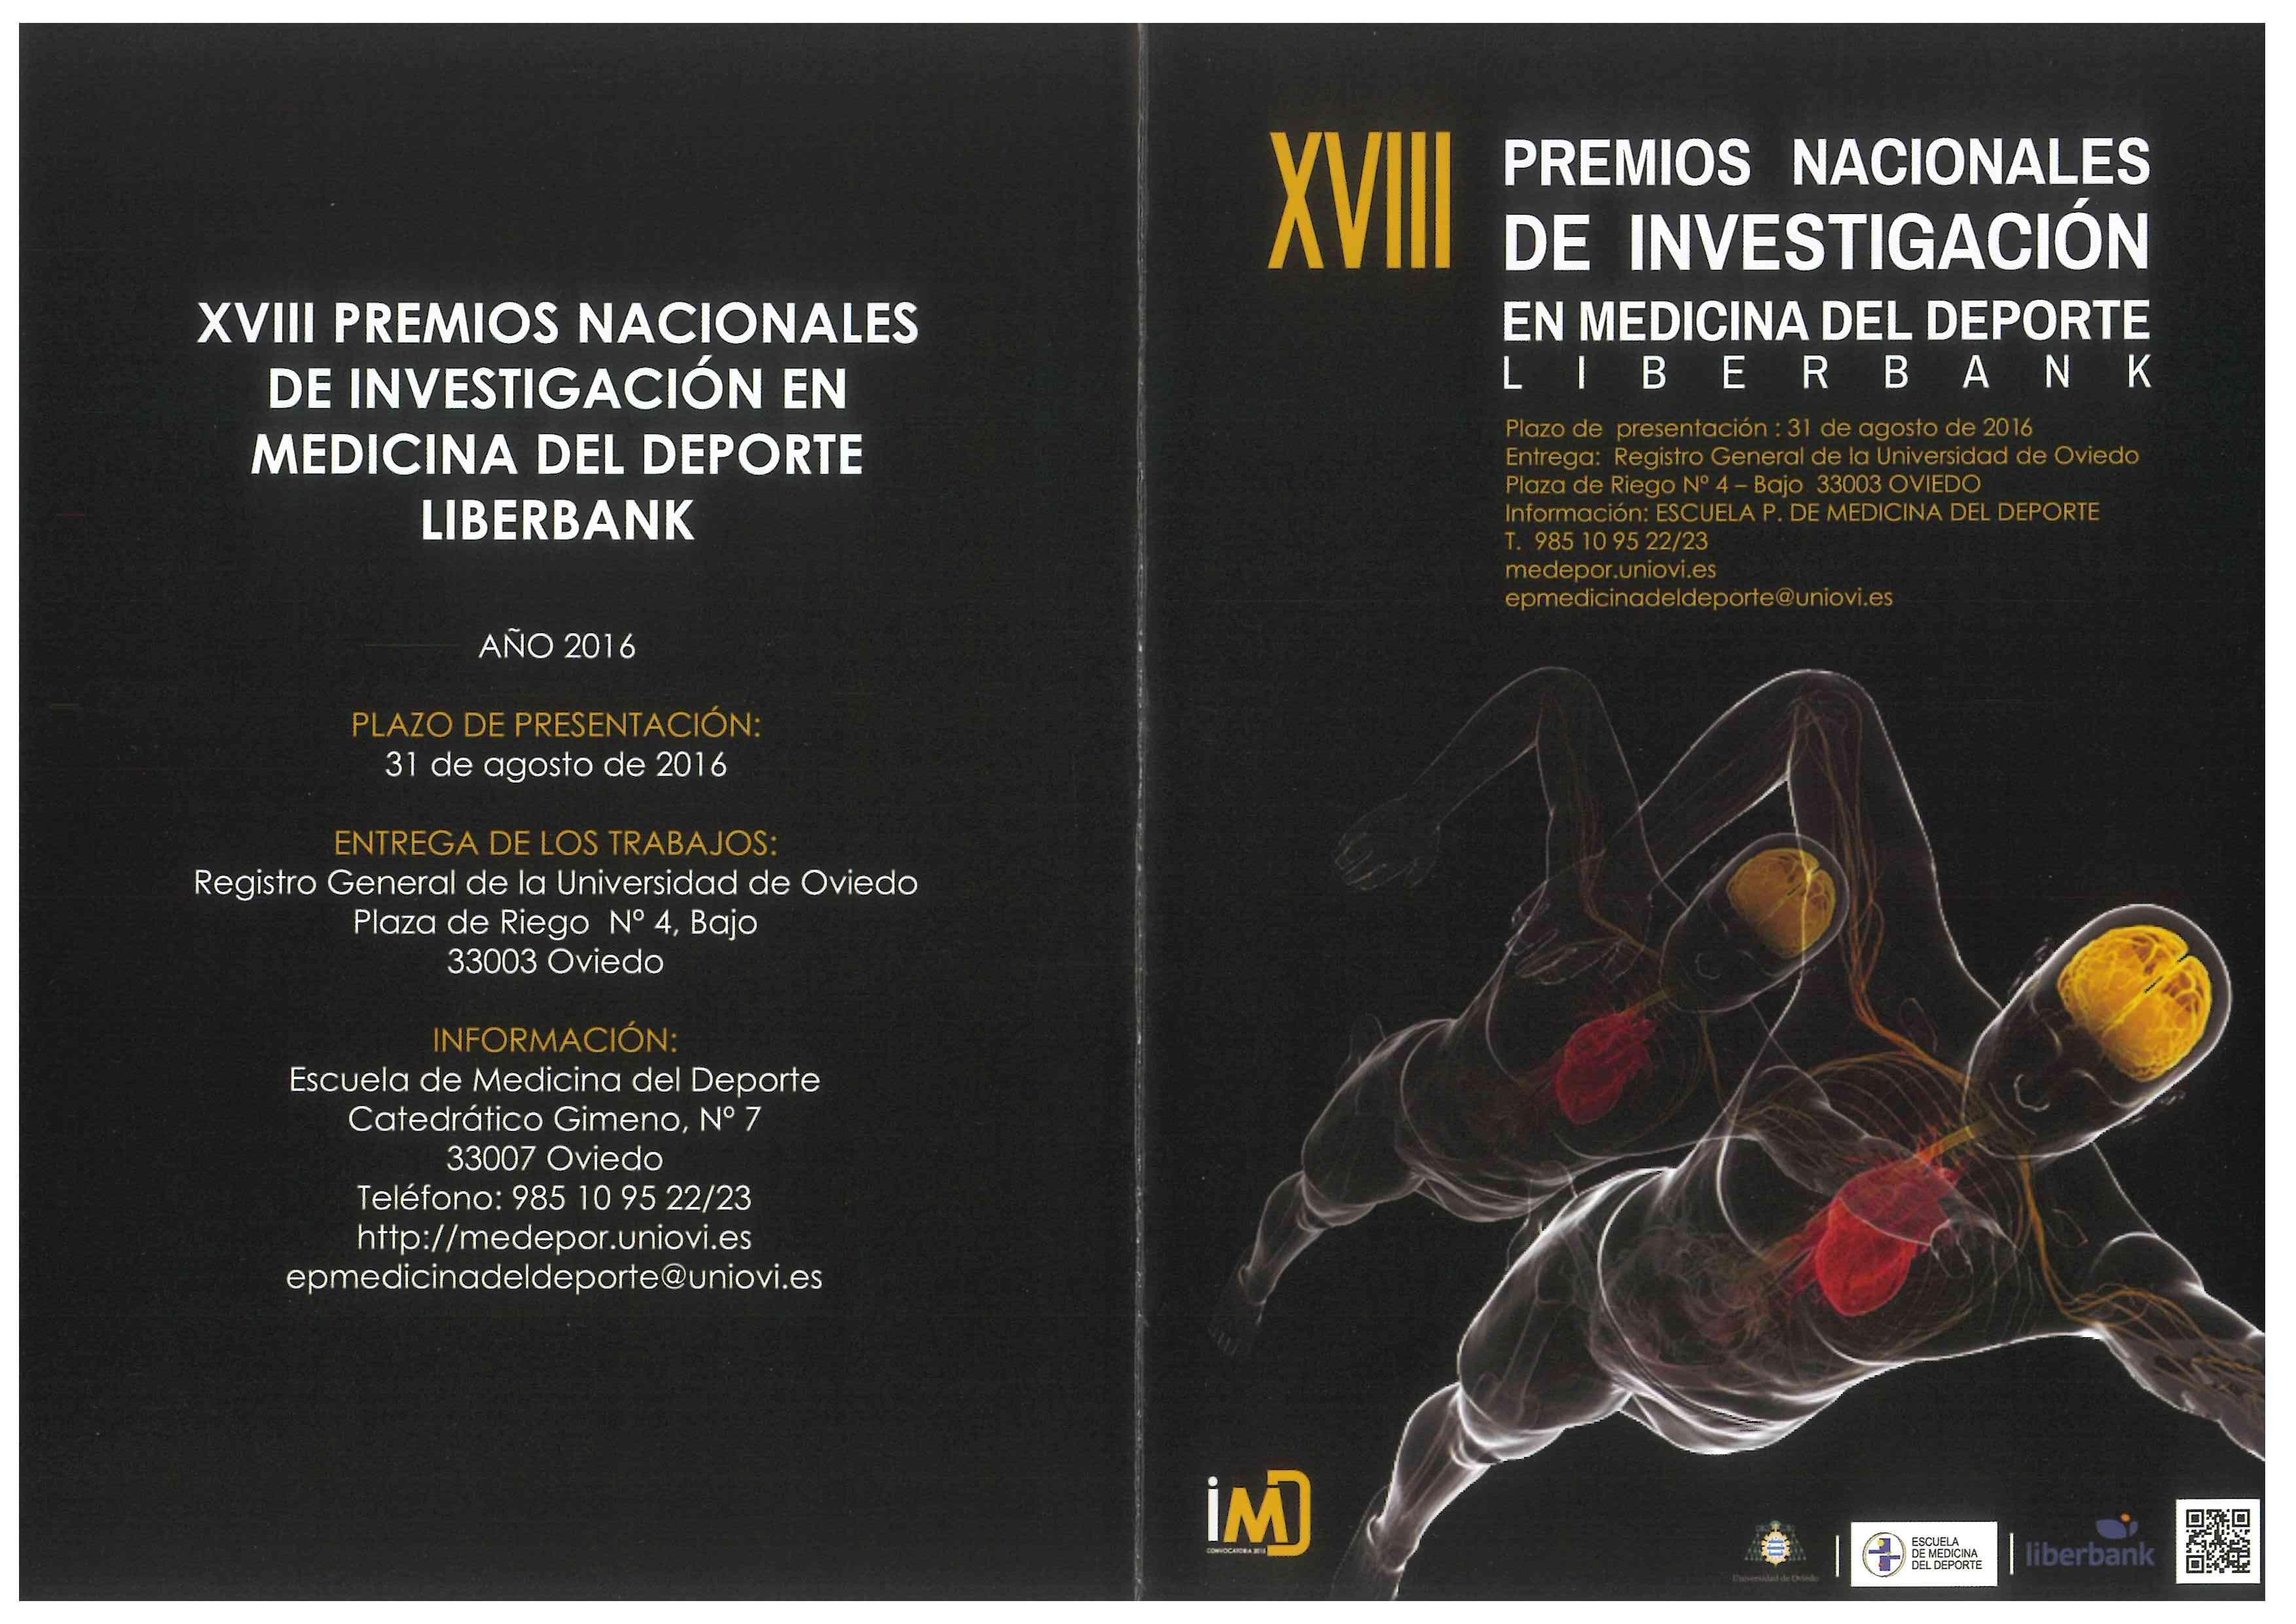 Noticia-Portada-Premios-Nacionales-Investigacion-en-Medicina-del-Deporte1-e1463998905824